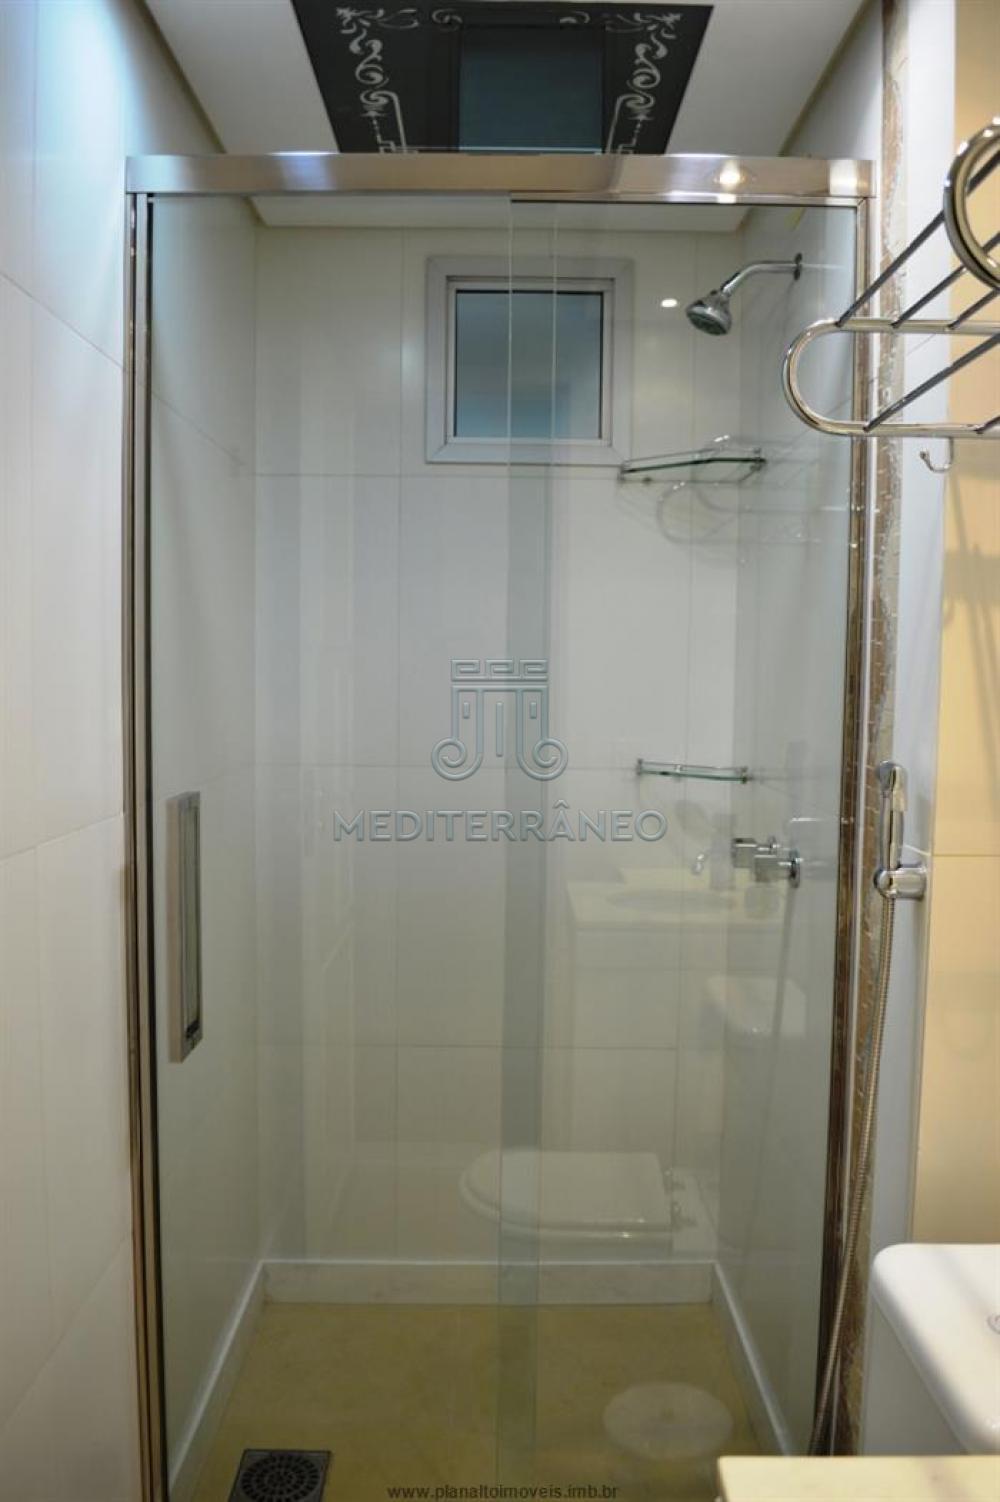 Comprar Apartamento / Padrão em Jundiaí apenas R$ 430.000,00 - Foto 2